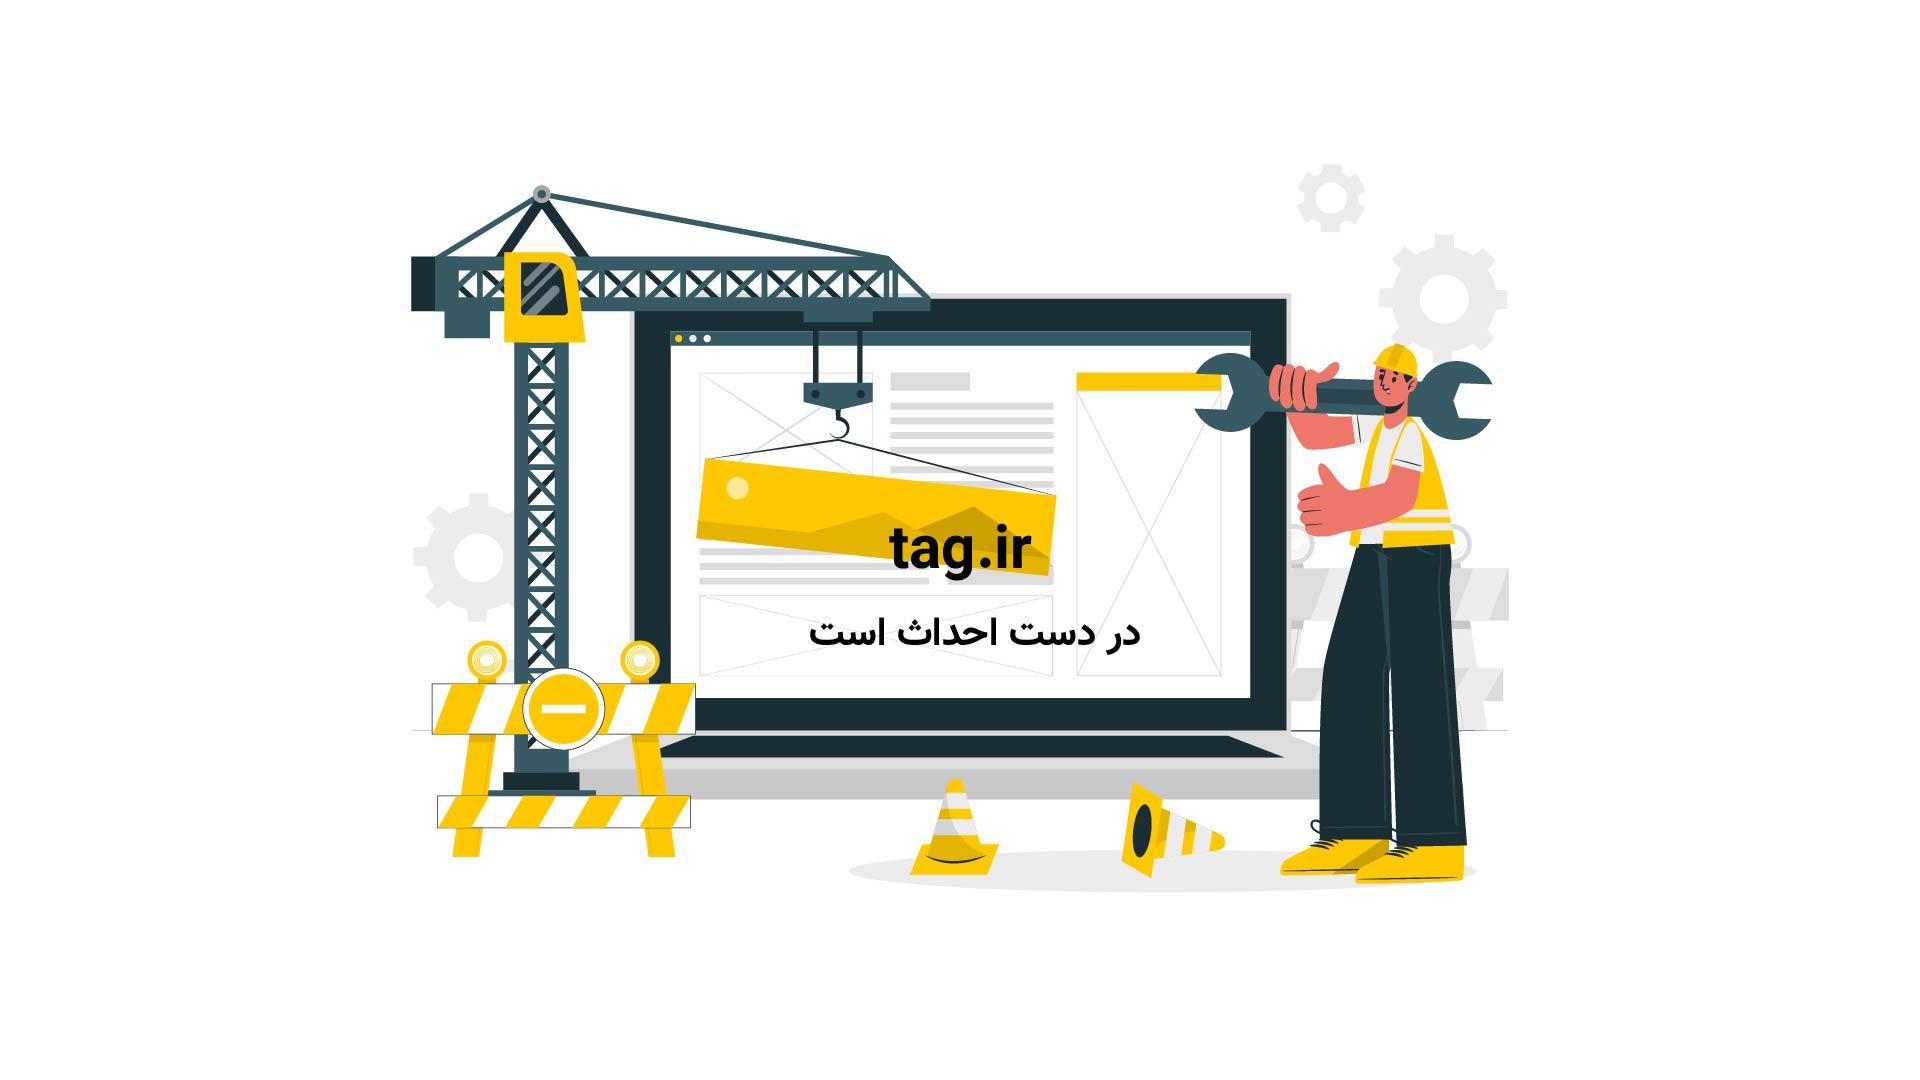 محمدرضا میری در خندوانه | تگ